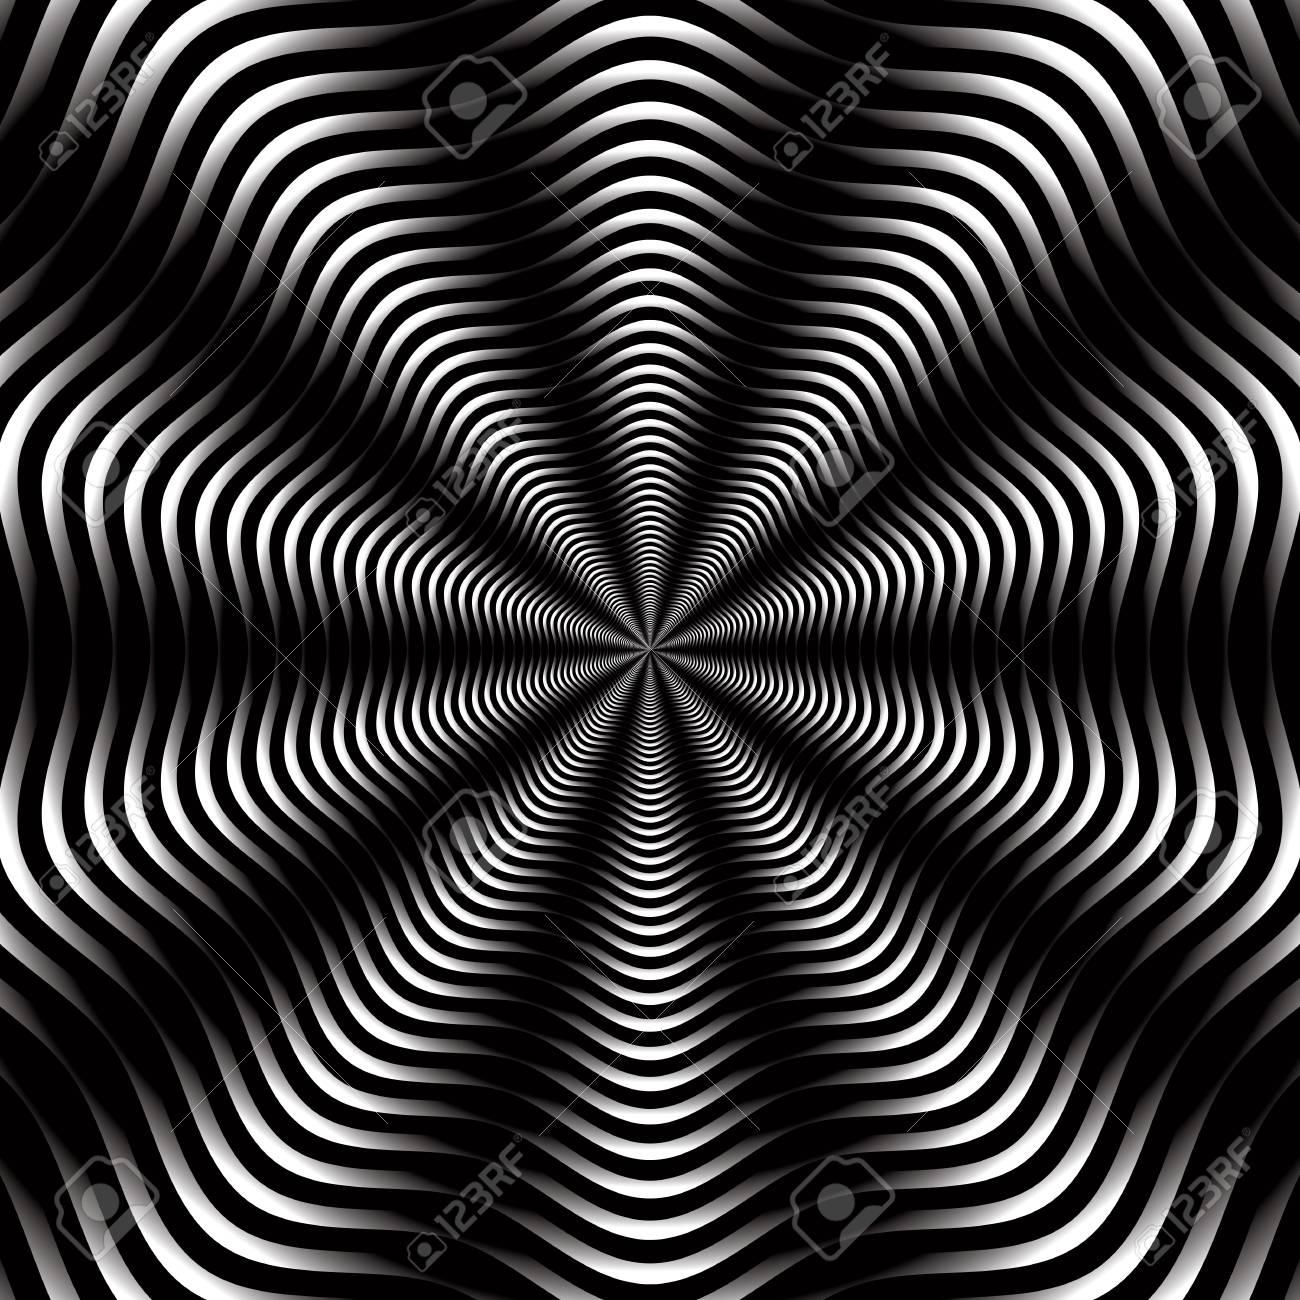 モノクロの背景デザインやボリュームの効果で壁紙 のイラスト素材 ベクタ Image